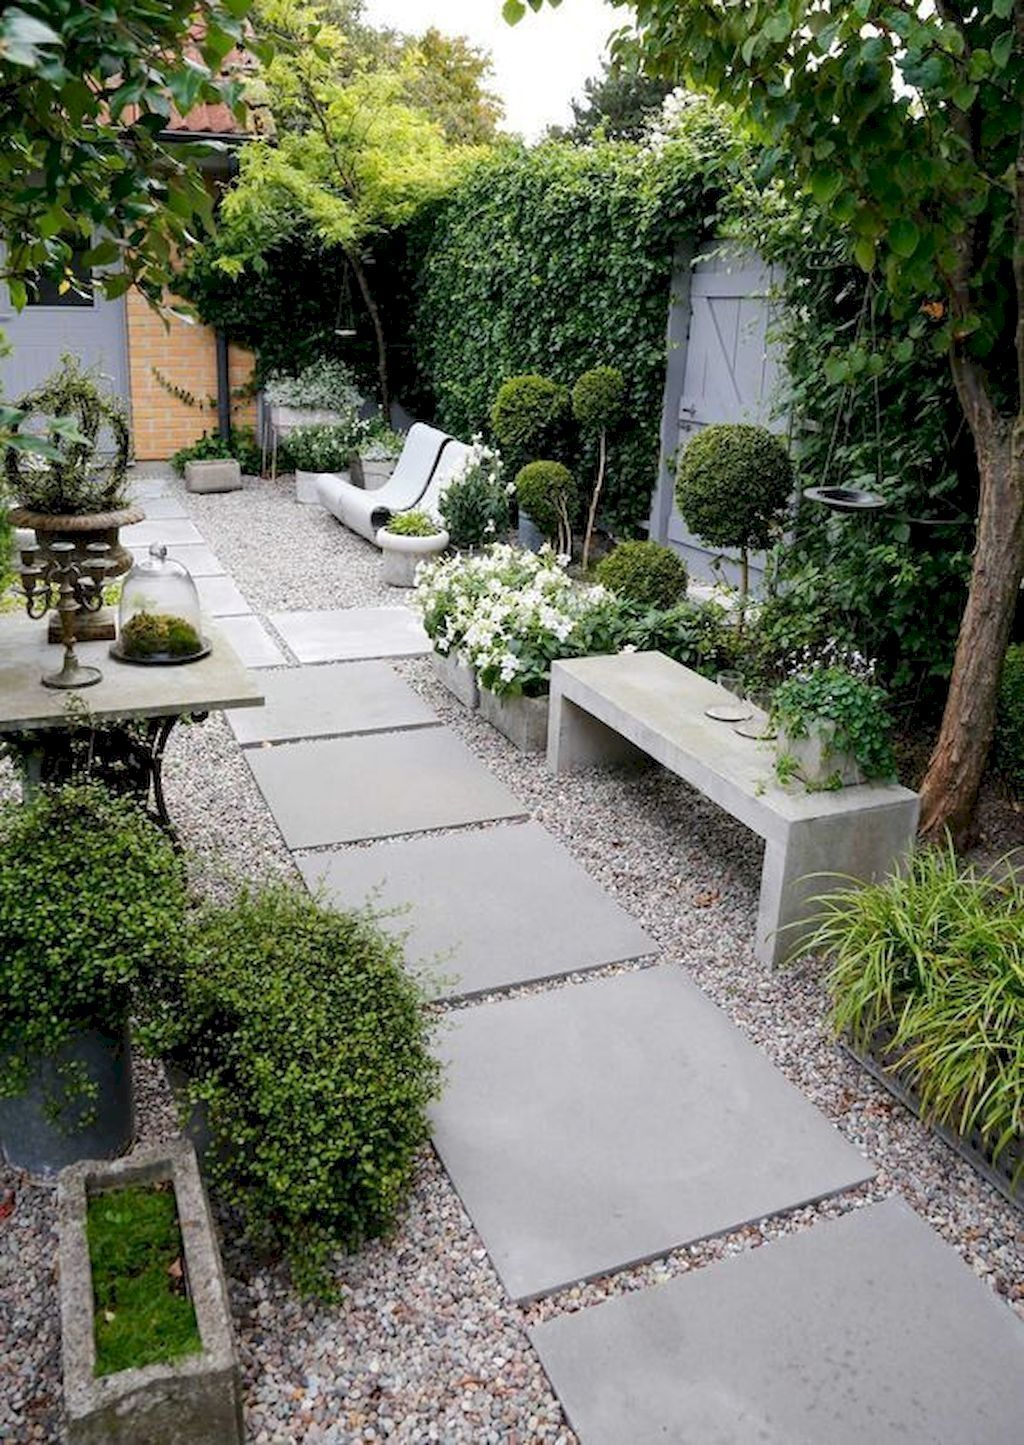 Pin On Garden Small backyard ideas with garden